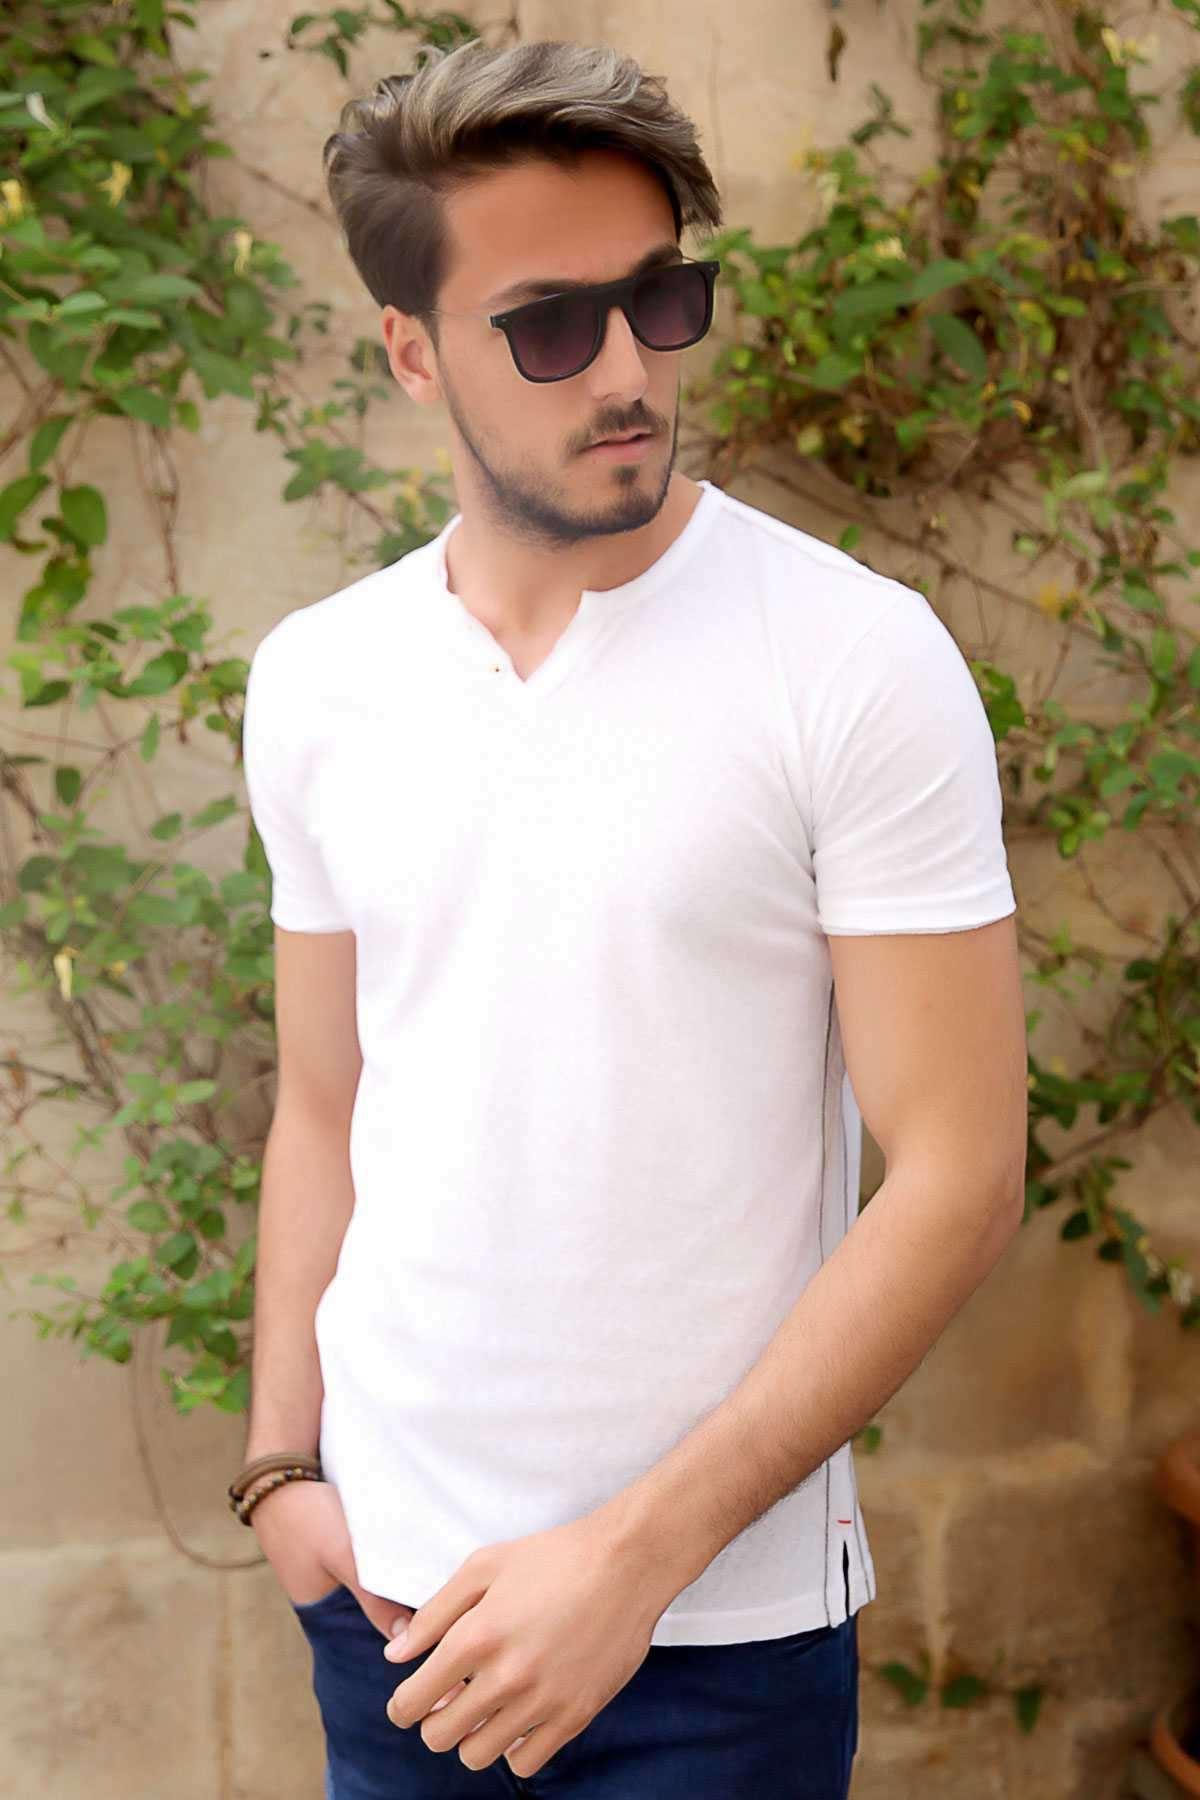 Yaka Çift Düğmeli Yanları İnce Şeritli Slim Fit Tişört Beyaz